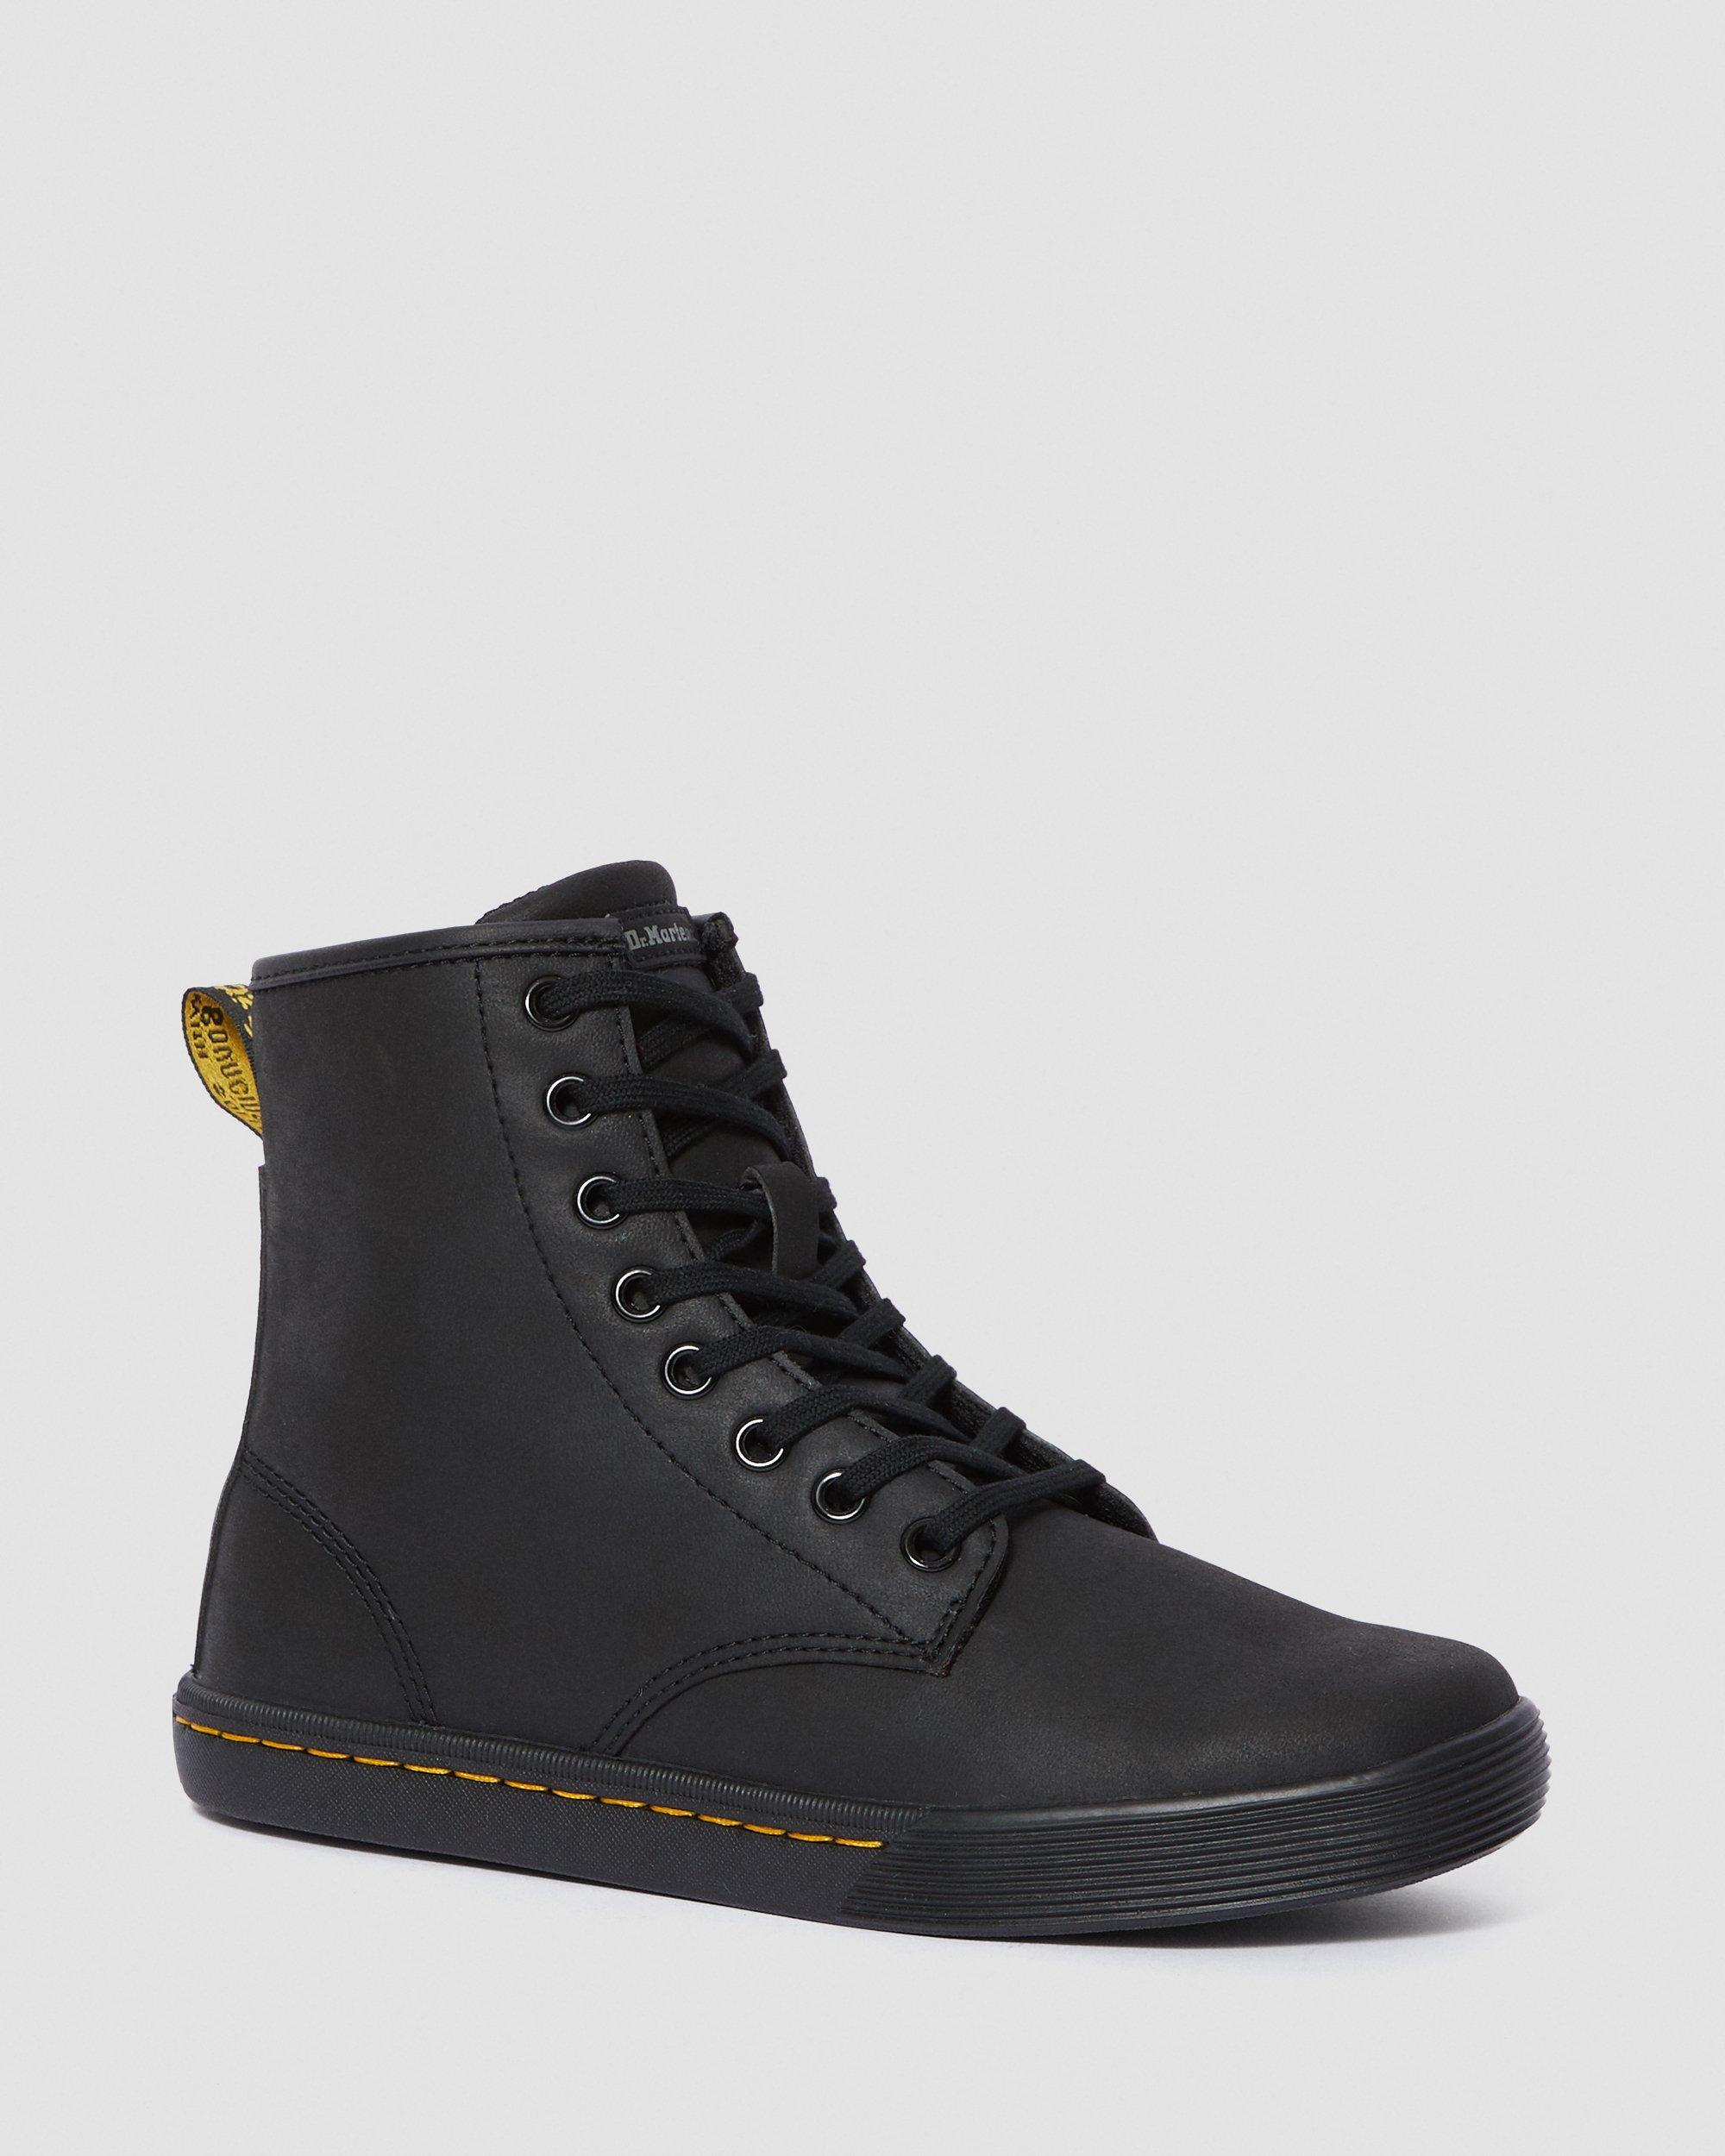 SHERIDAN WOMEN'S MATTE CASUAL BOOTS | Women's Boots, Shoes